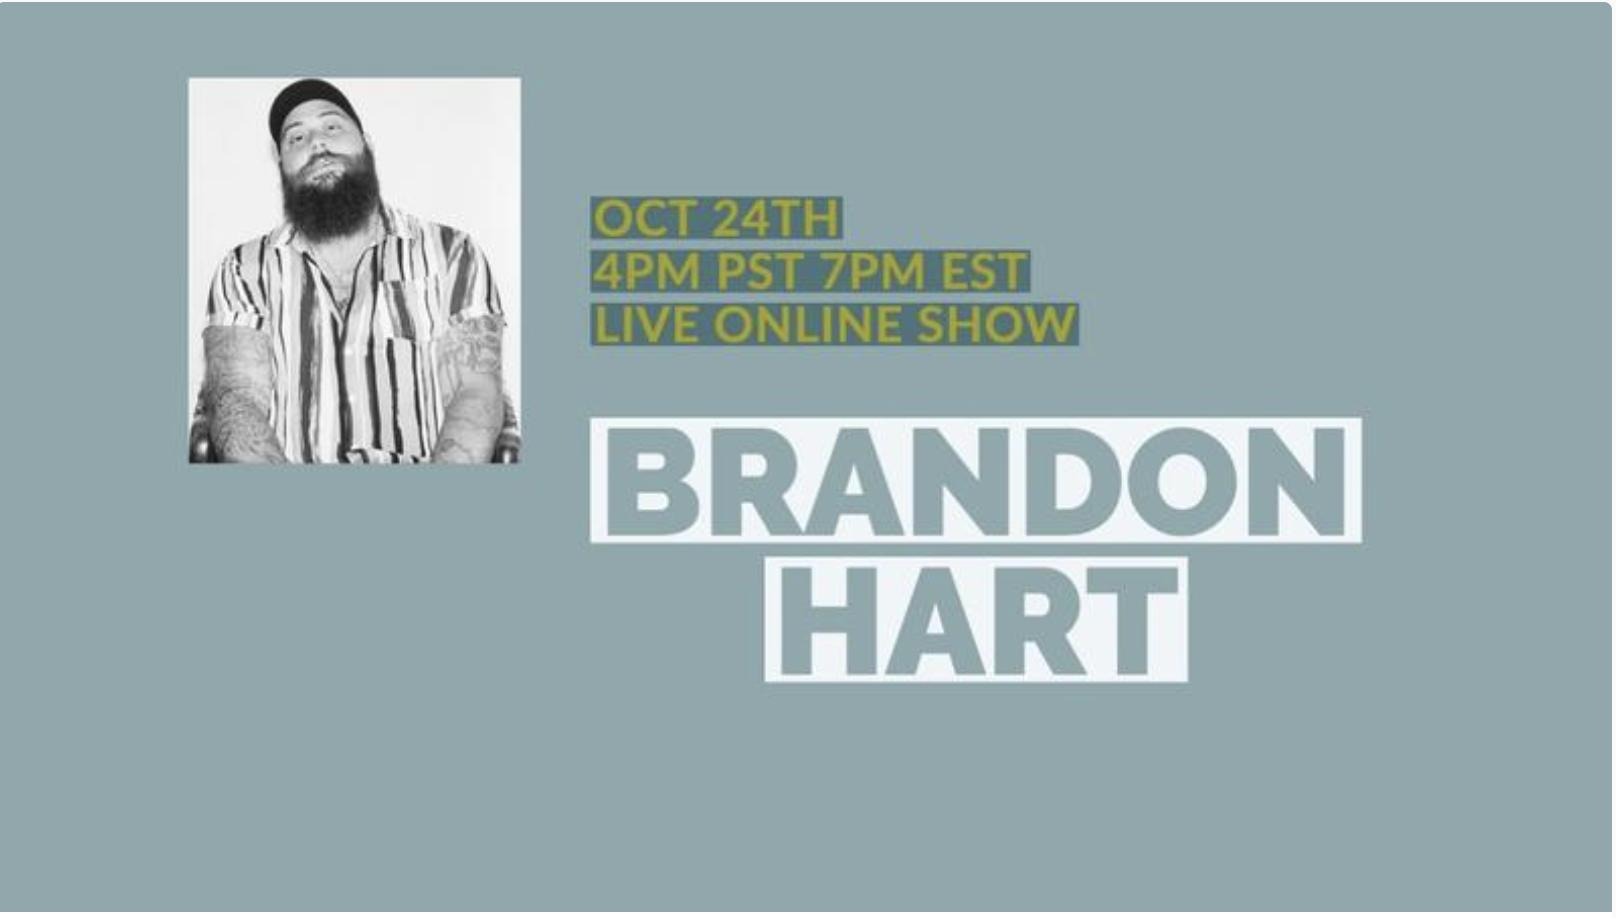 BrandonHart.png